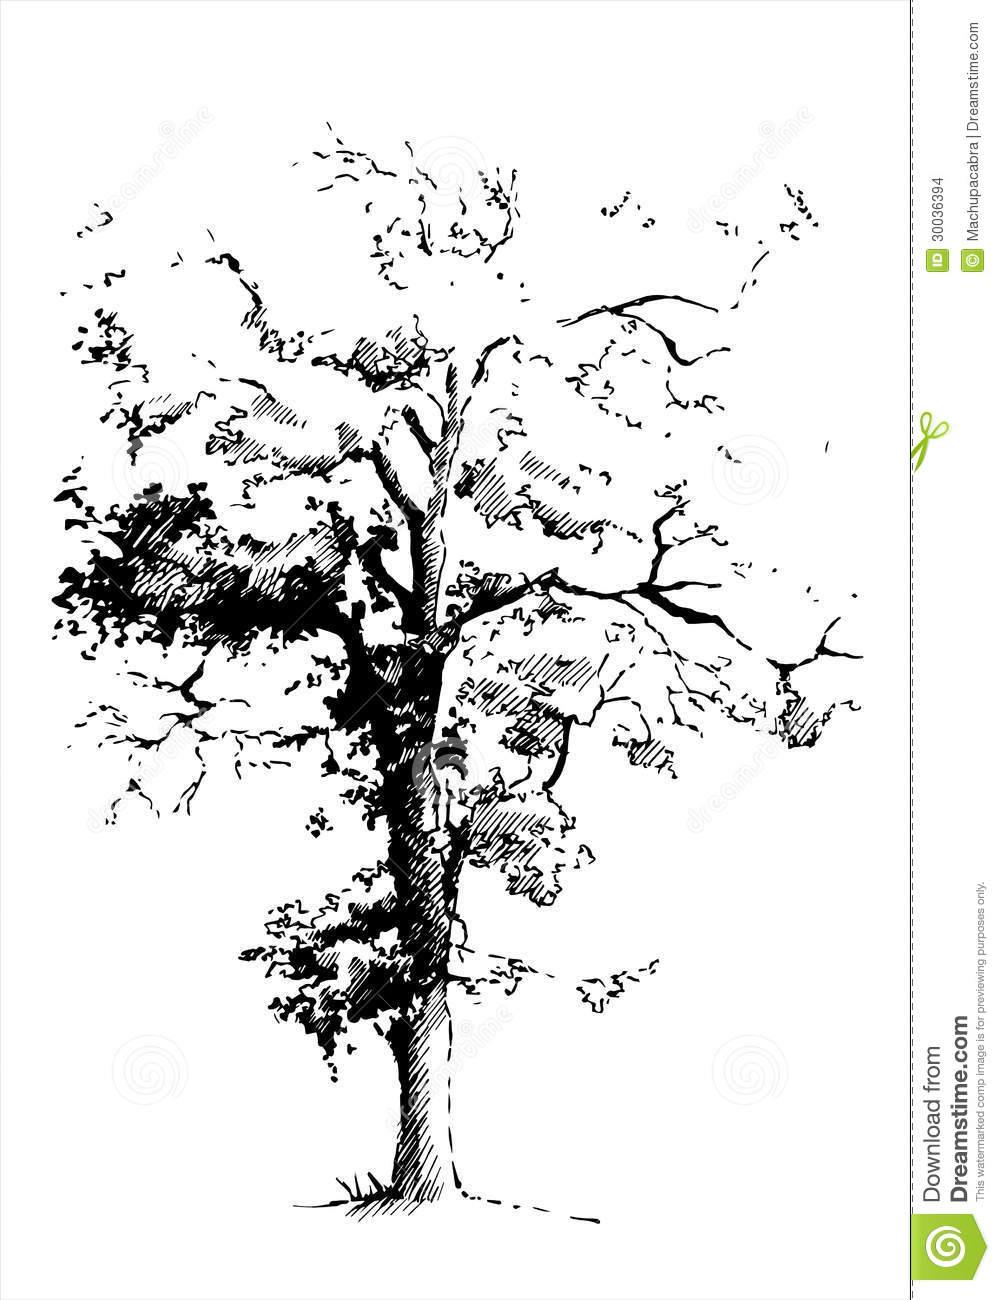 Revolutionary War Clipart Black And White Auto Electrical Wiring York Millennium Schematics Y14 Poplar Leaf